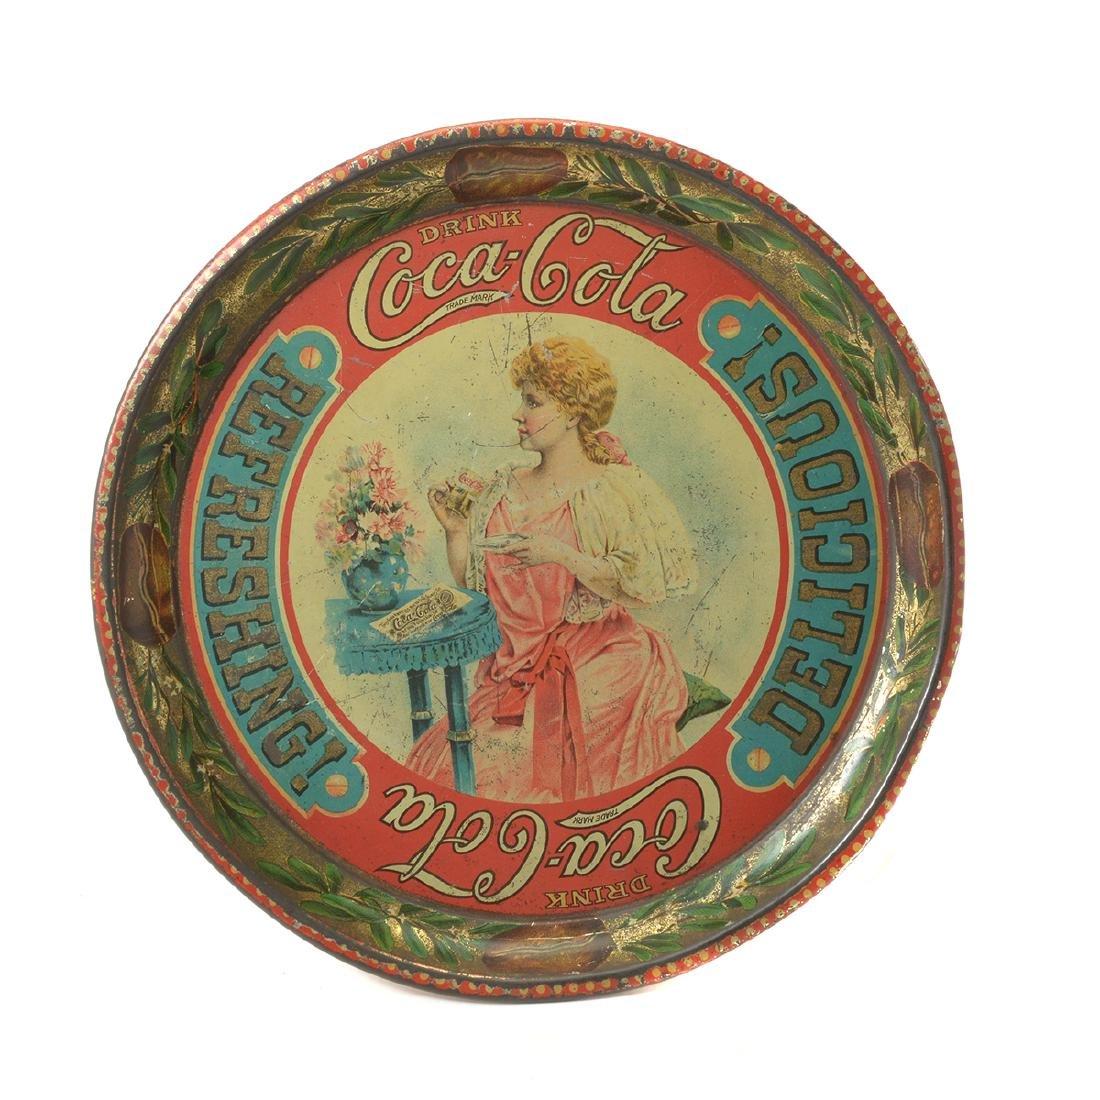 The Original 1897 Coca Cola Tray